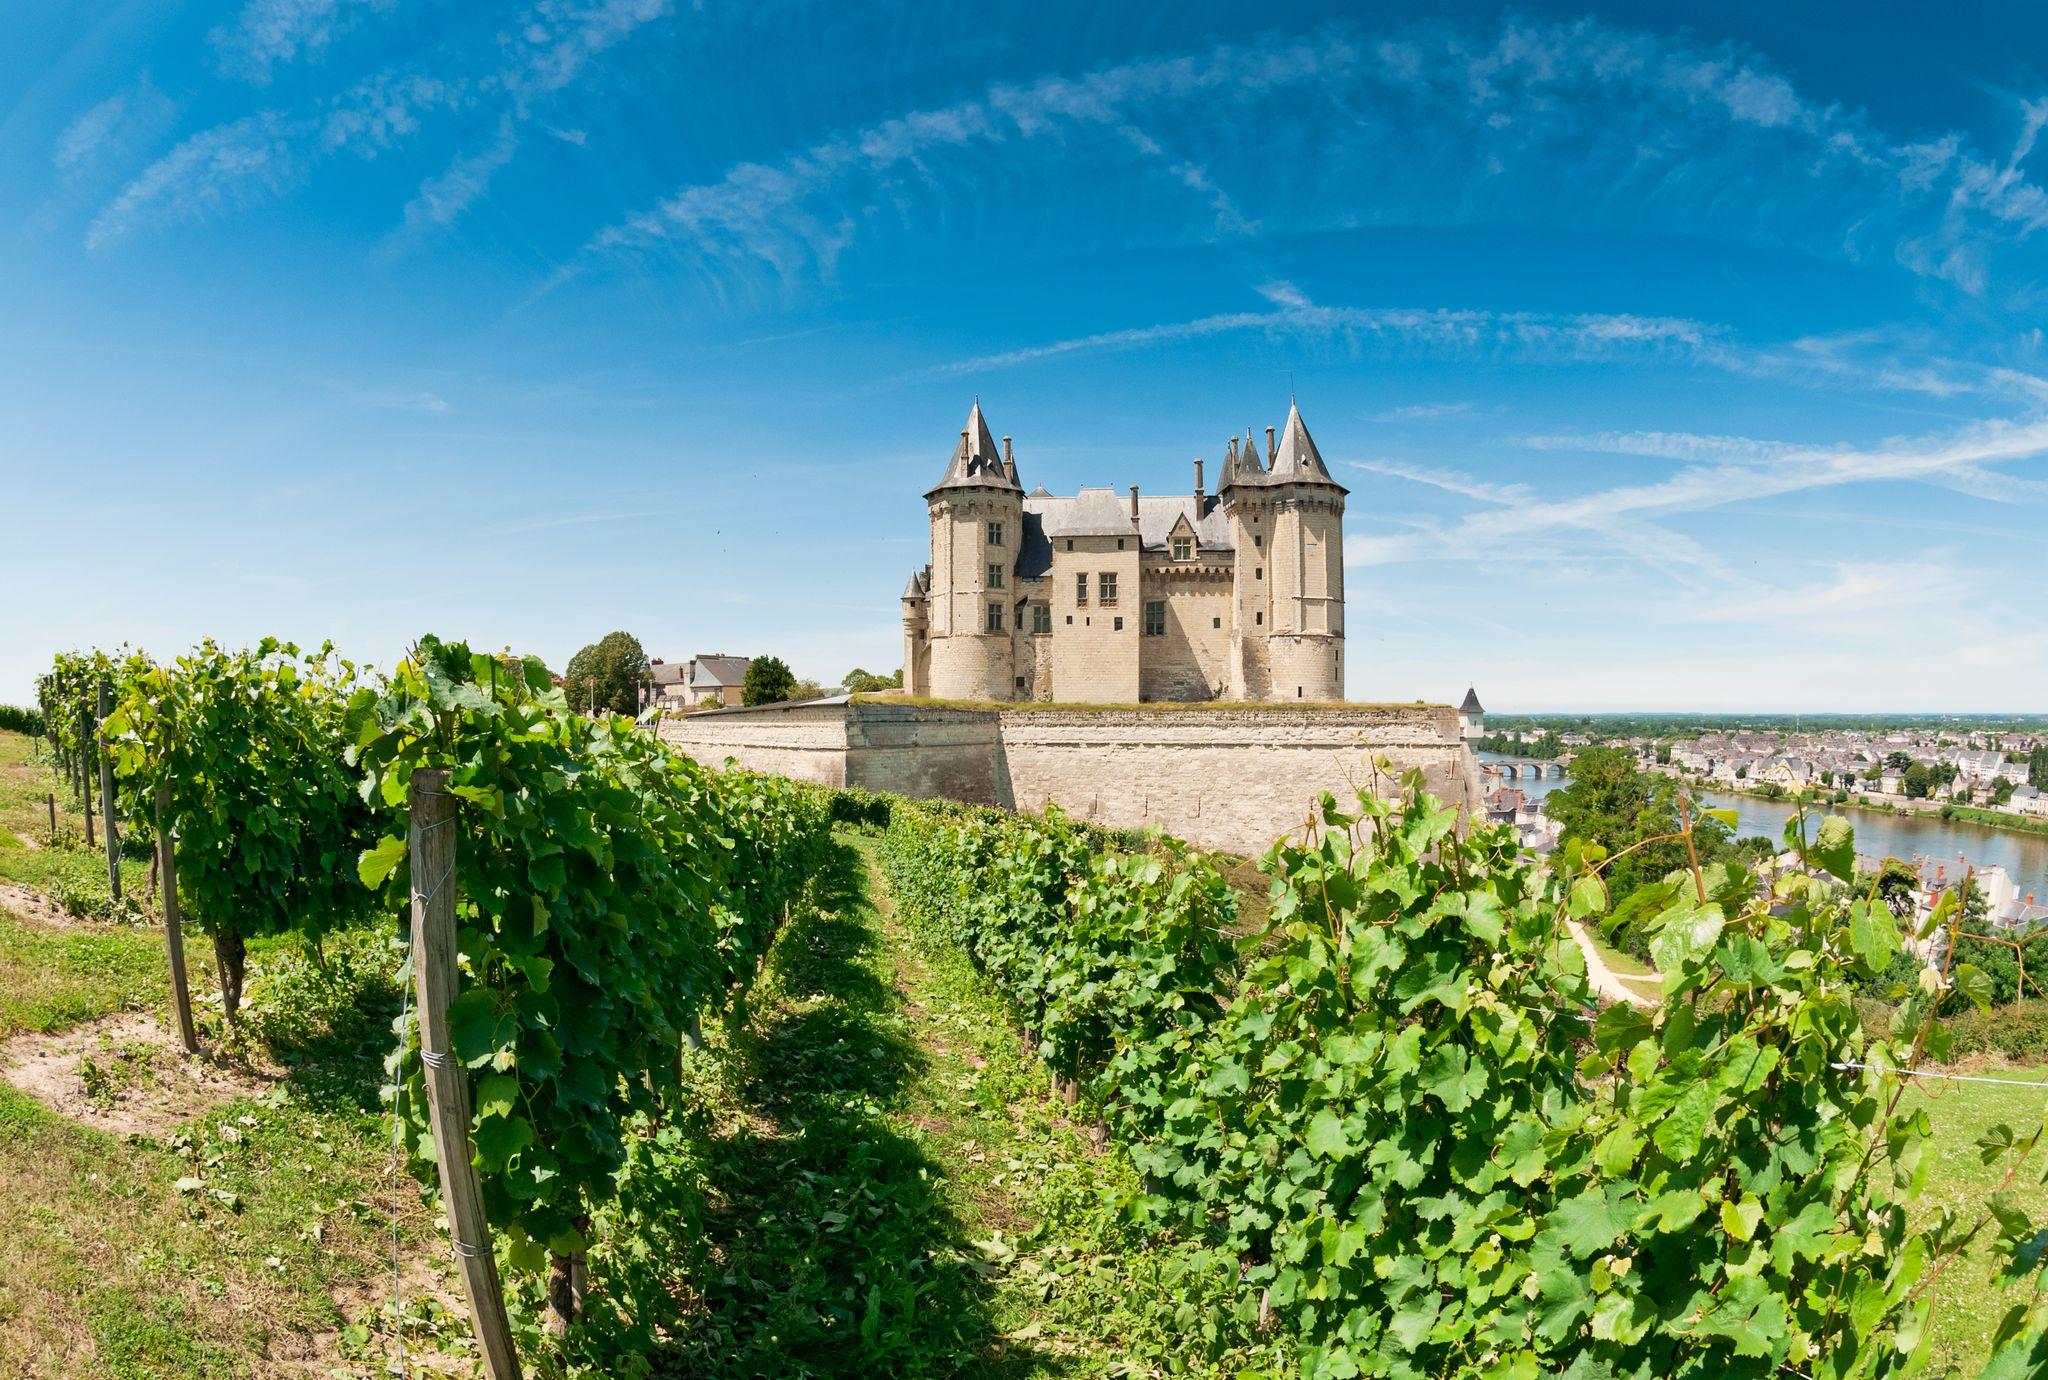 Κάστρο του Σωμύρ, Σωμύρ, Μαιν-ε-Λουάρ, Γαλλία